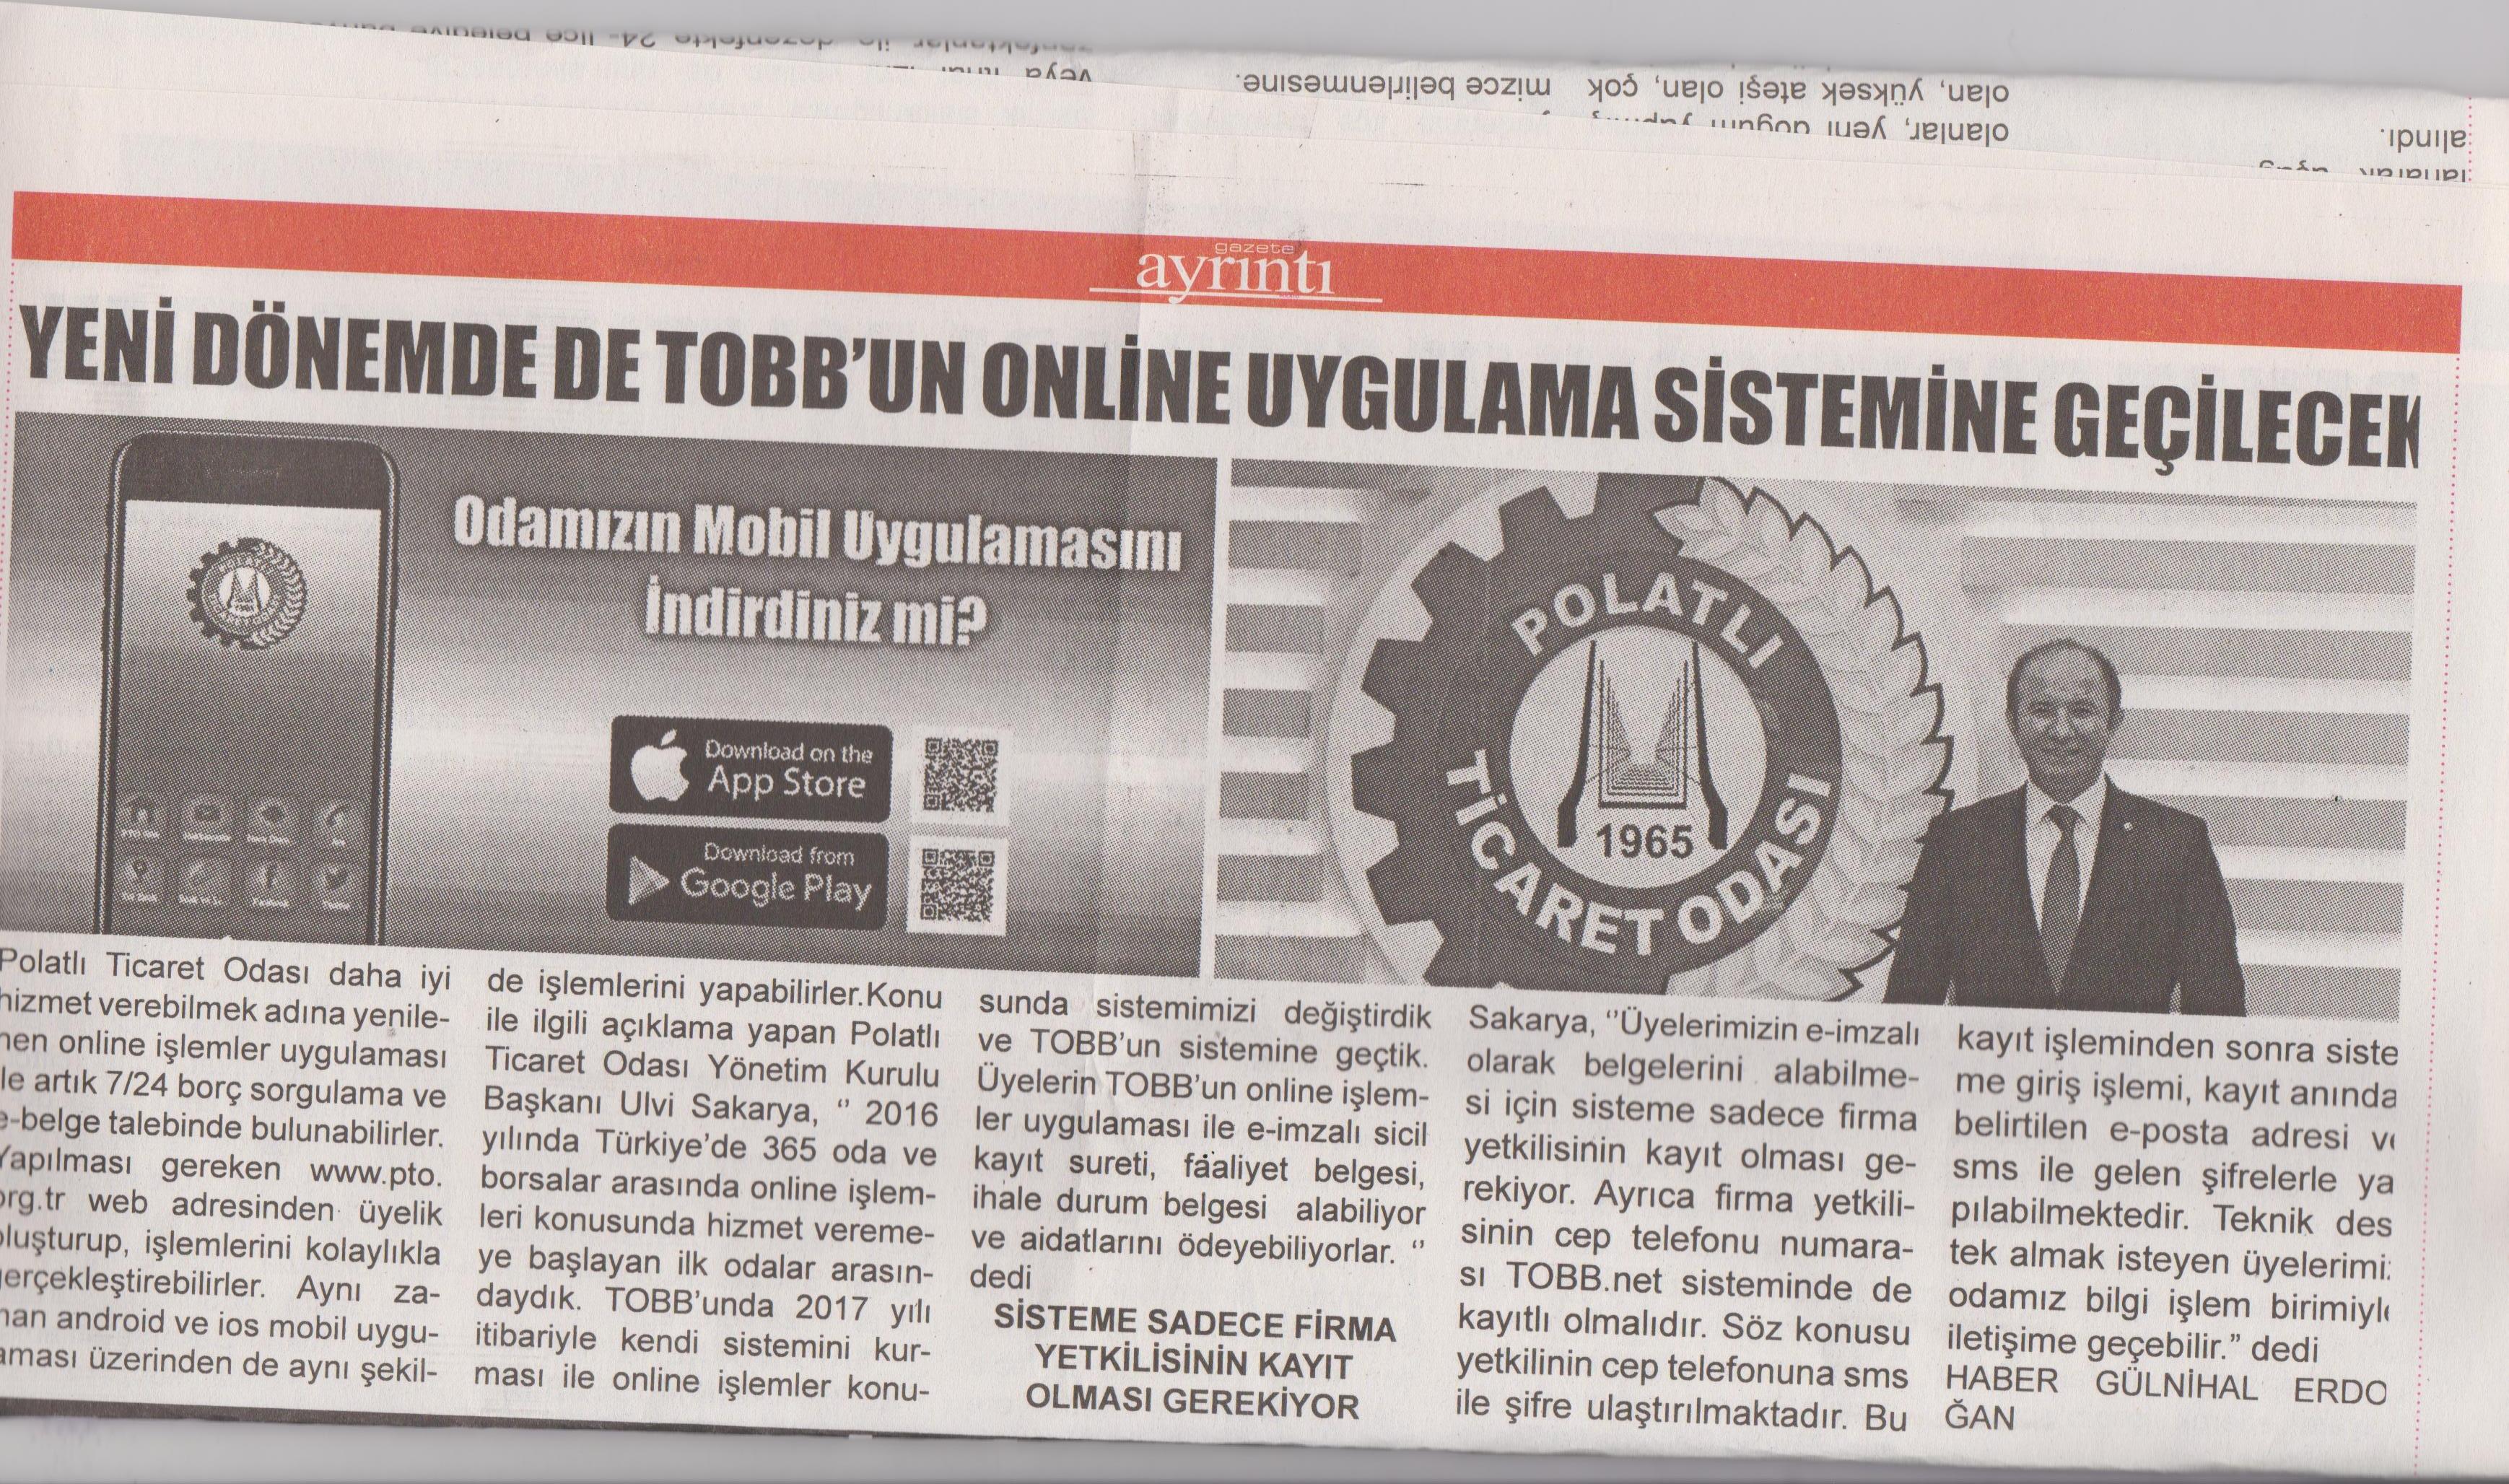 Ayrıntı Gazetesi - Online işlemleri 1. yılını doldurdu. (2)